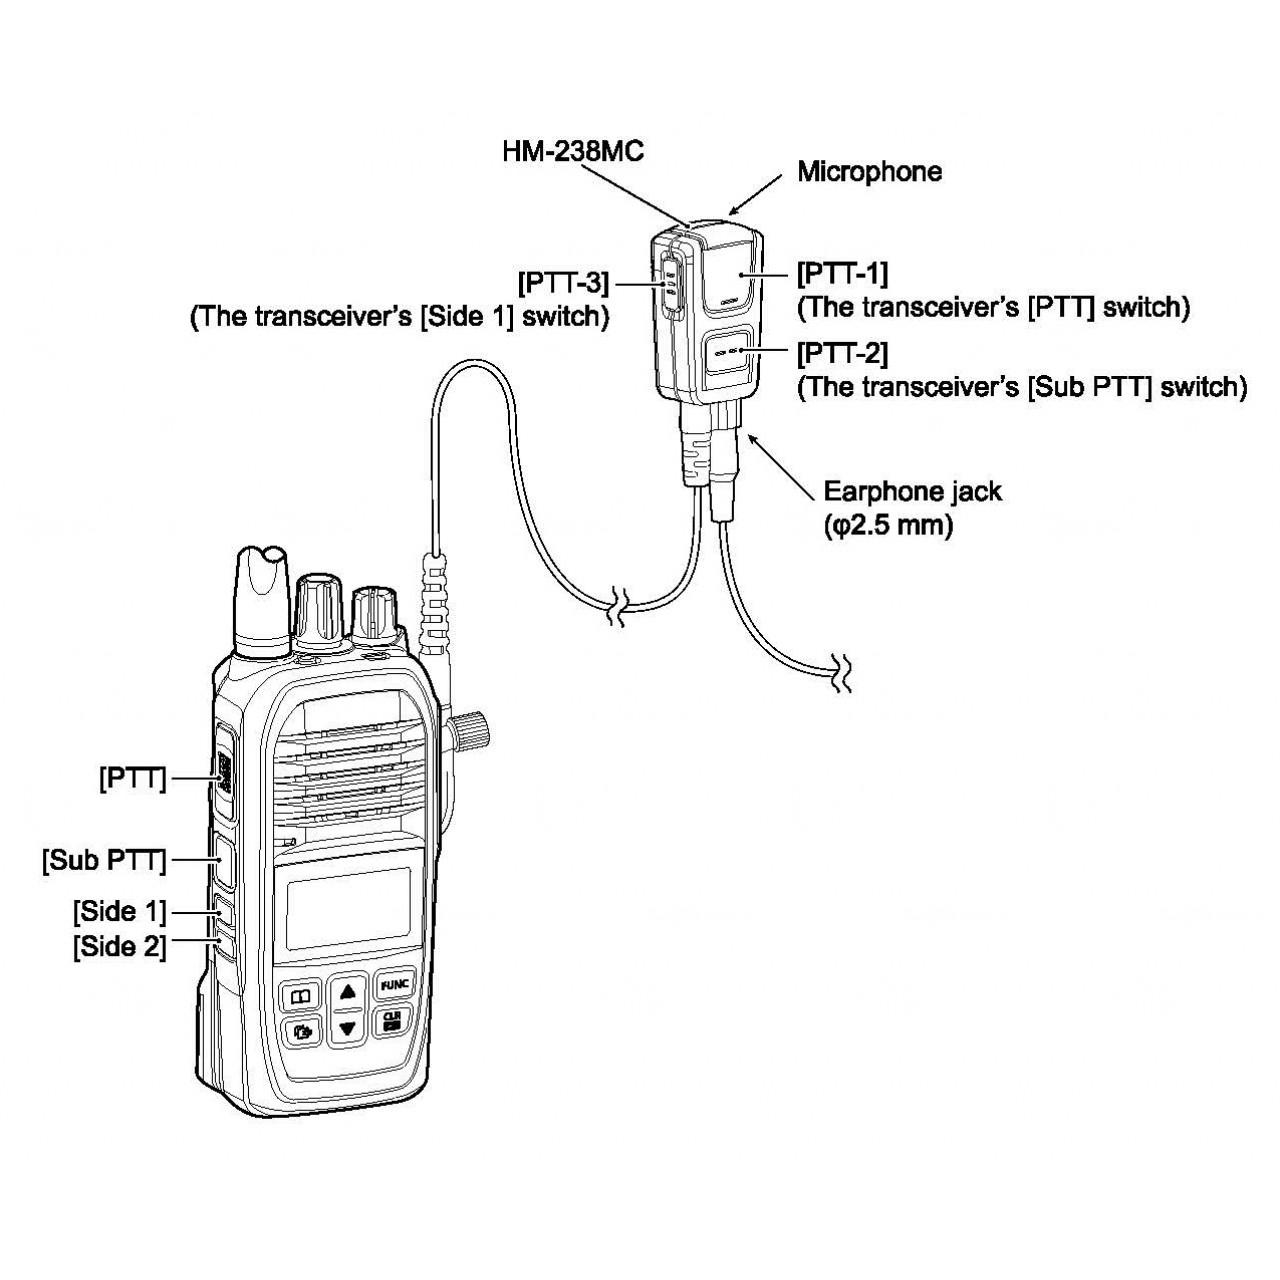 schéma d'utilisation HM-238MC